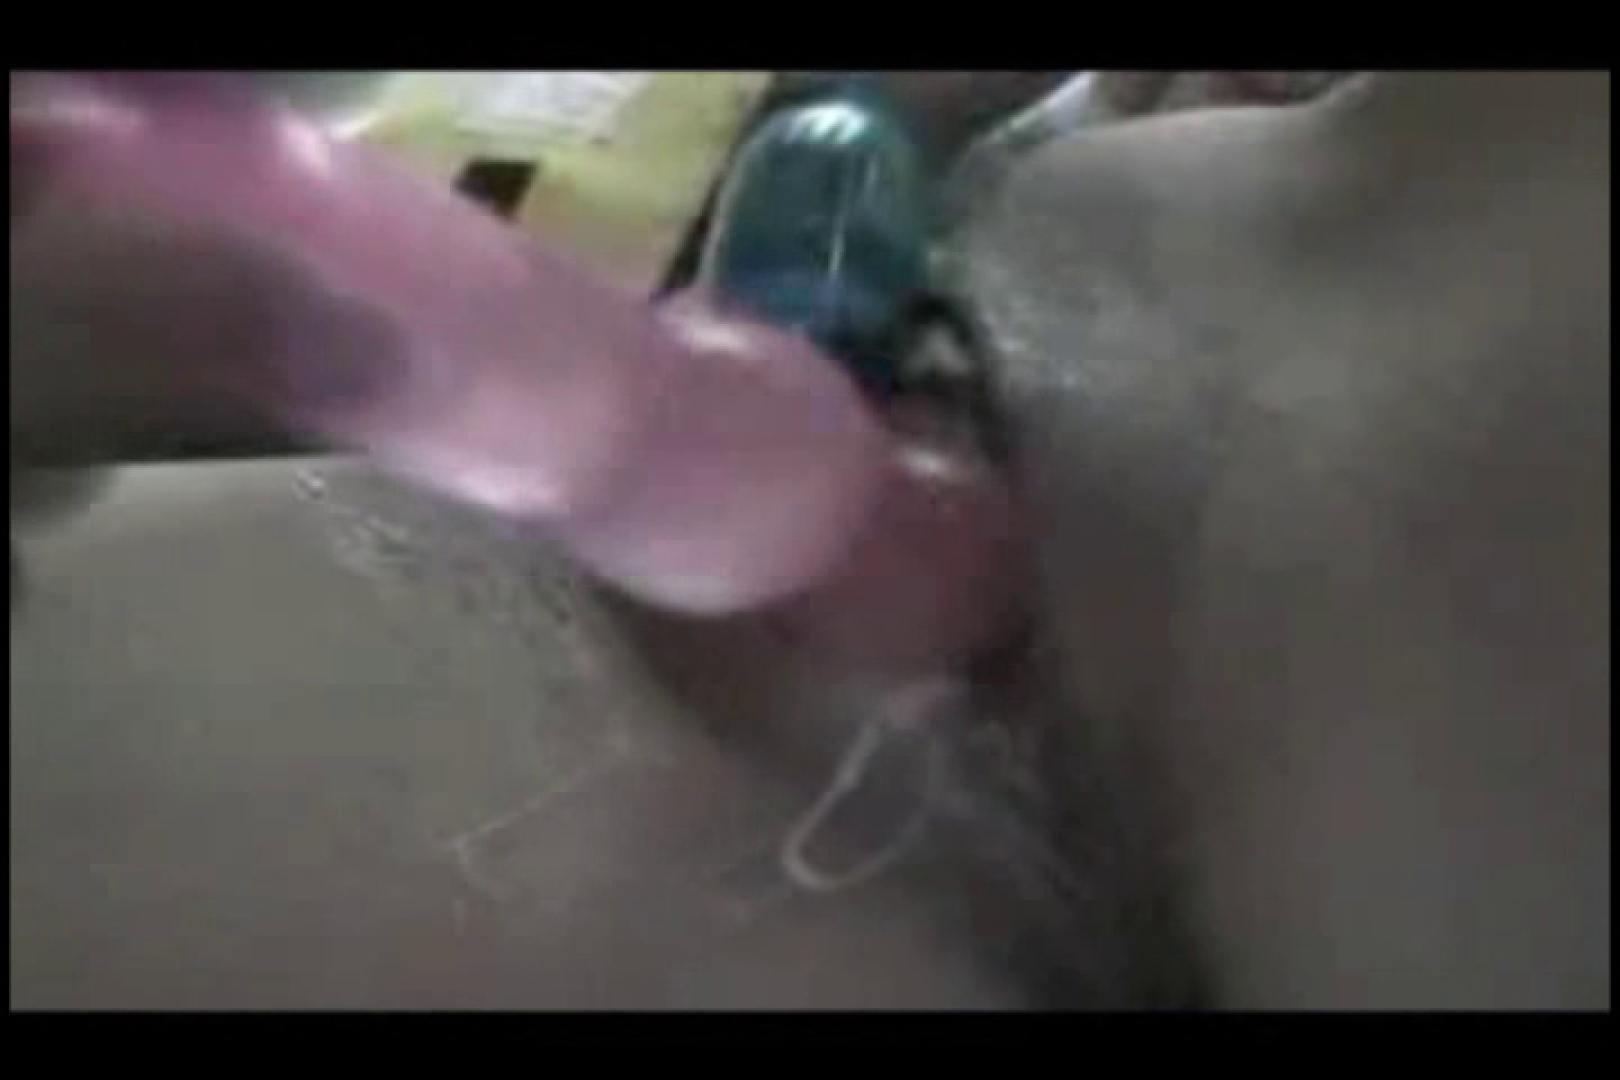 続・某掲示板に投稿された素人女性たちvol.11 オナニー覗き見 ワレメ無修正動画無料 106pic 46